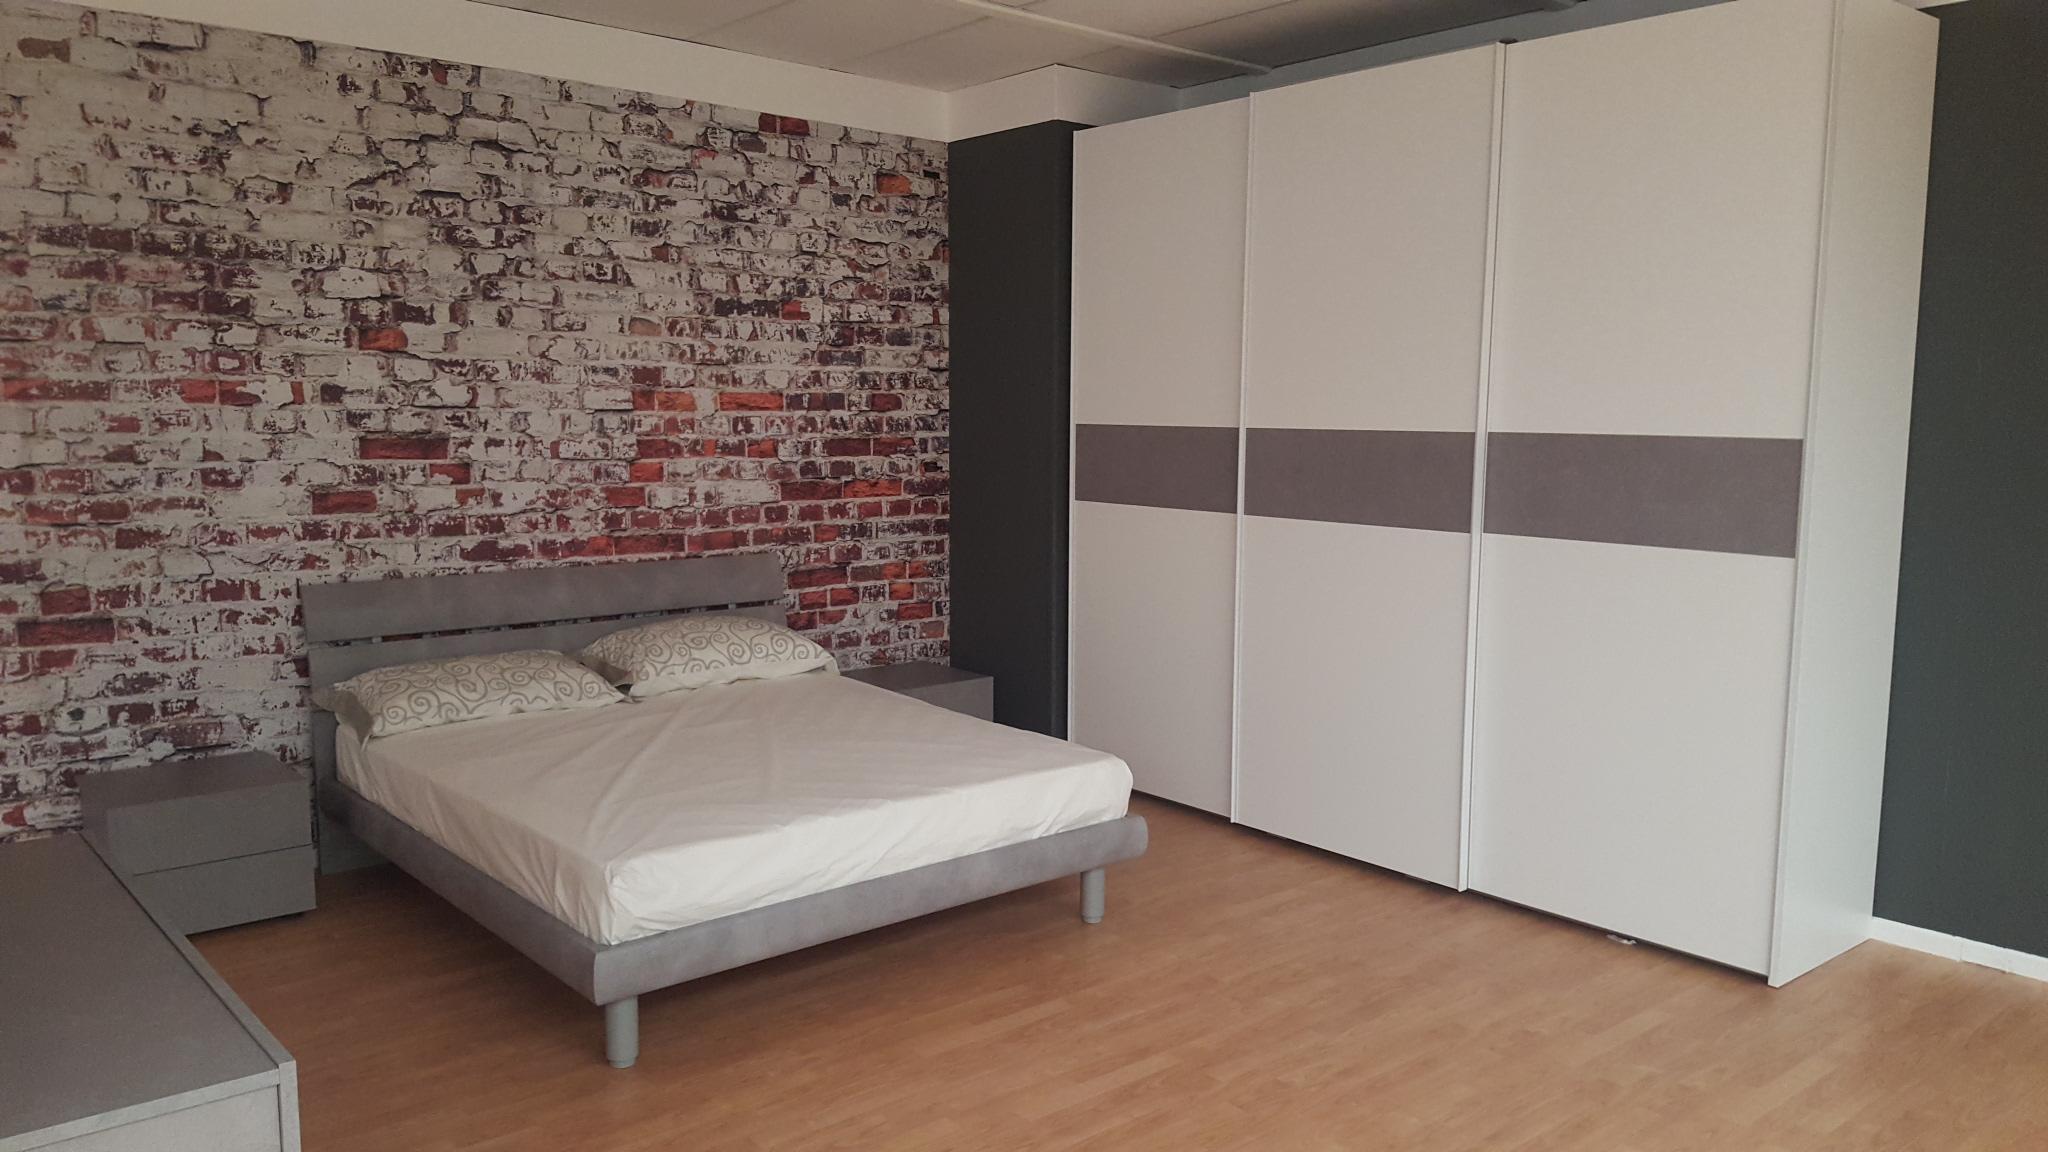 Camera completa bianca e grigia outlet mobili e for Bml arredamenti